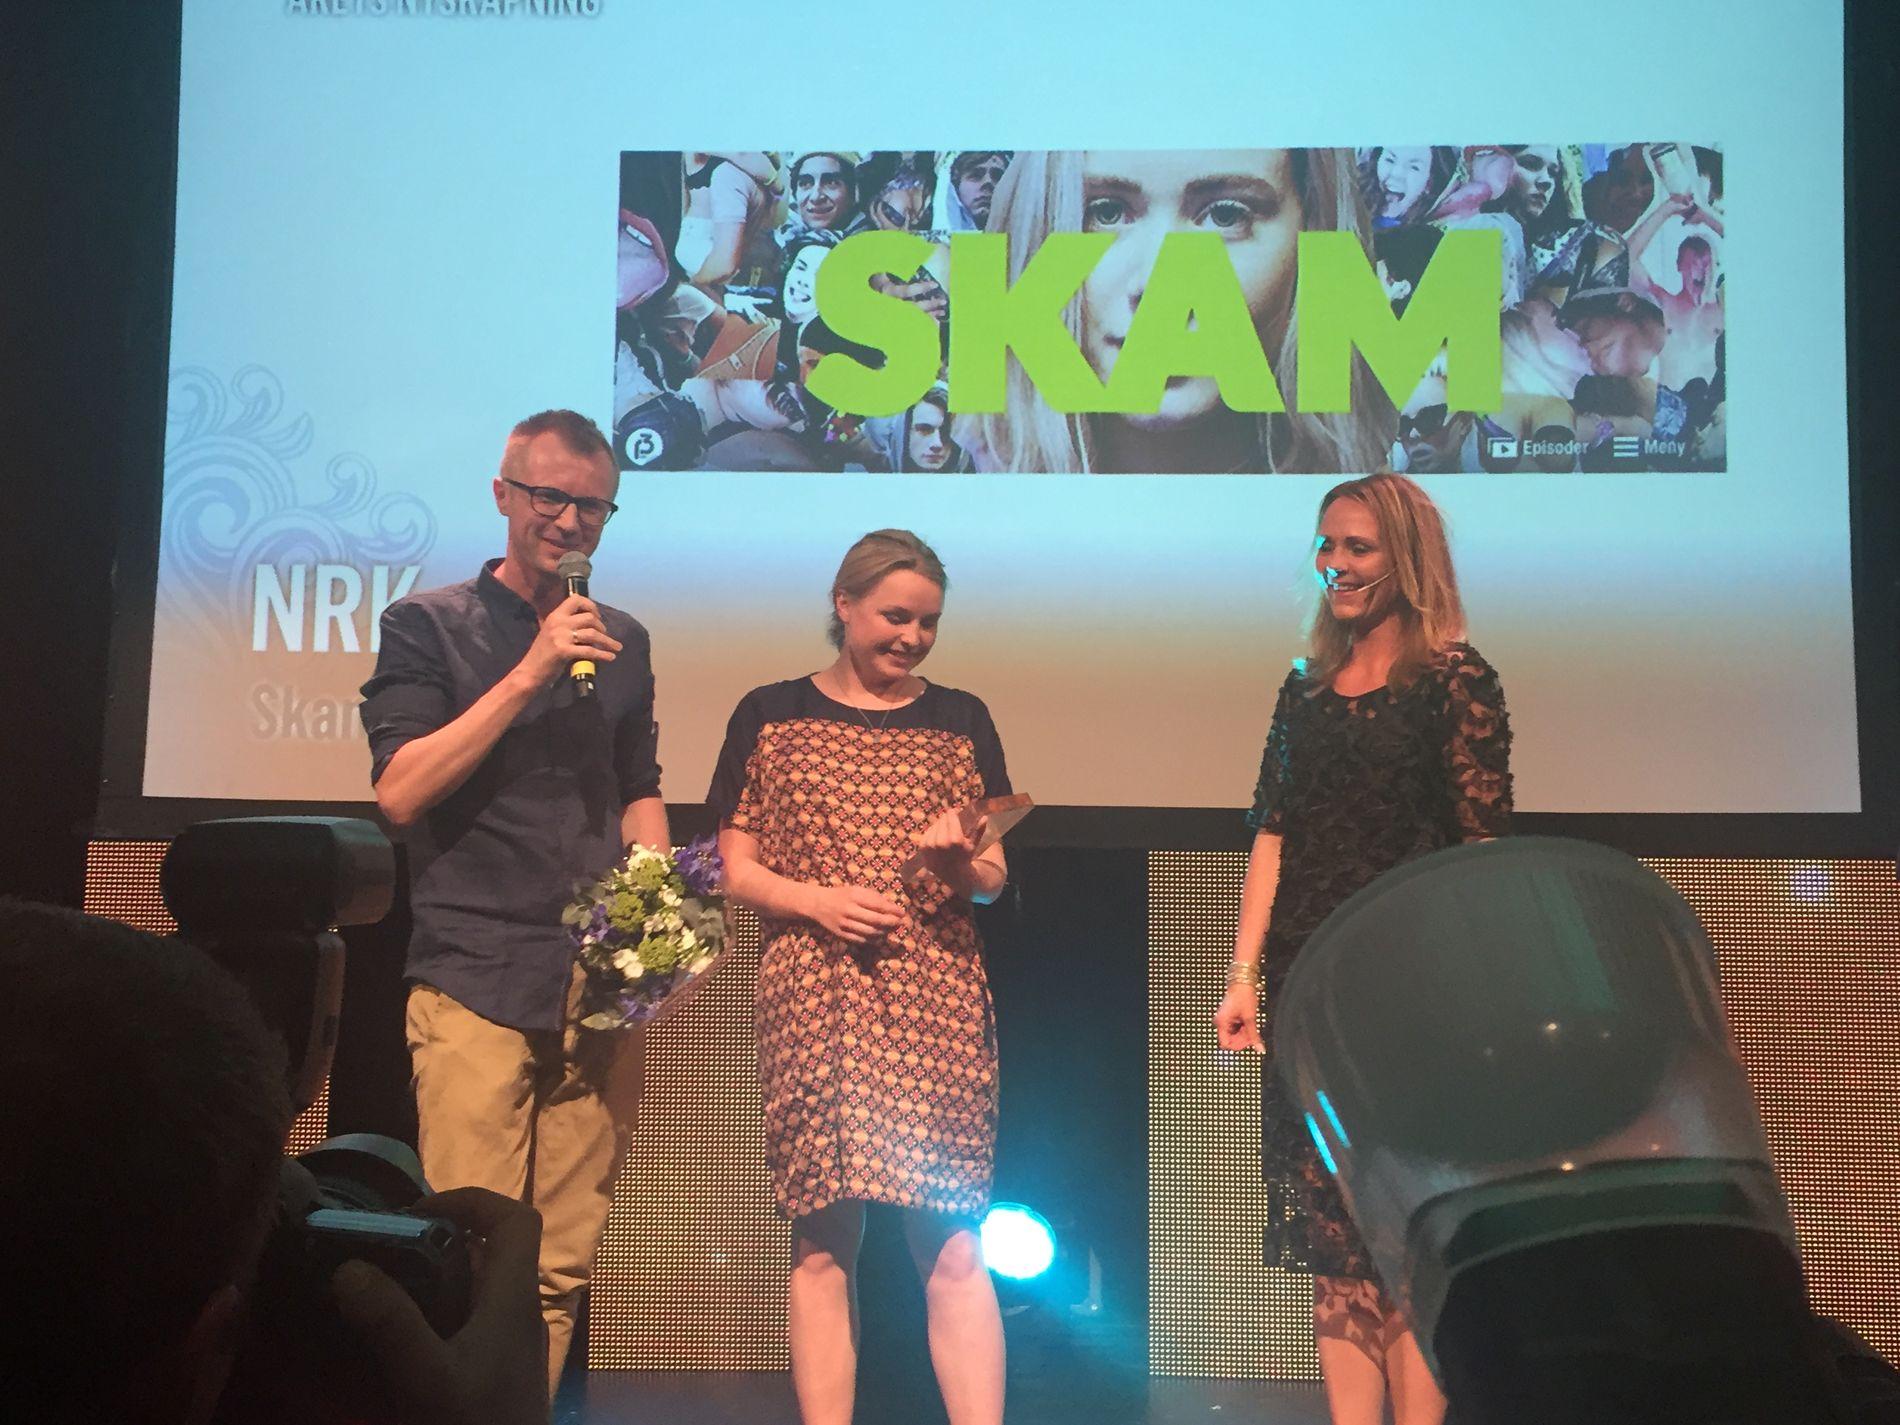 ÅRETS NYSKAPNING: SKAM fra NRK har blitt svært populært, noe som også juryen la vekt på da programmet ble tildelt prisen for årets nyskapning.